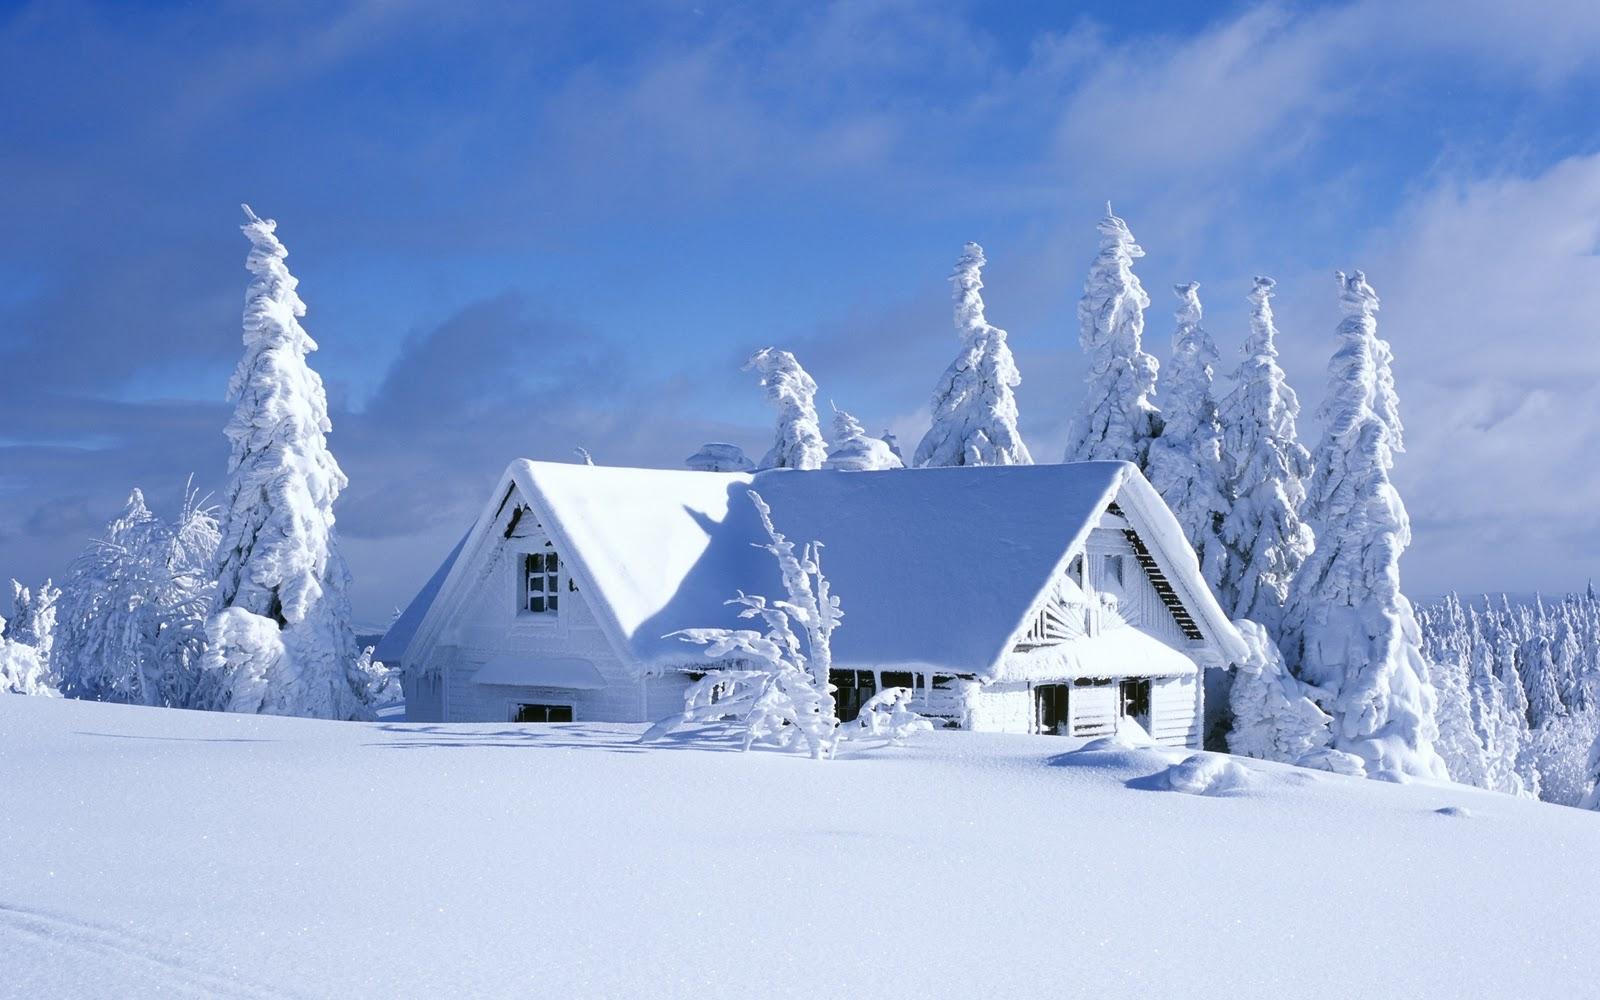 winter scene poster wallpaper art zeromin0